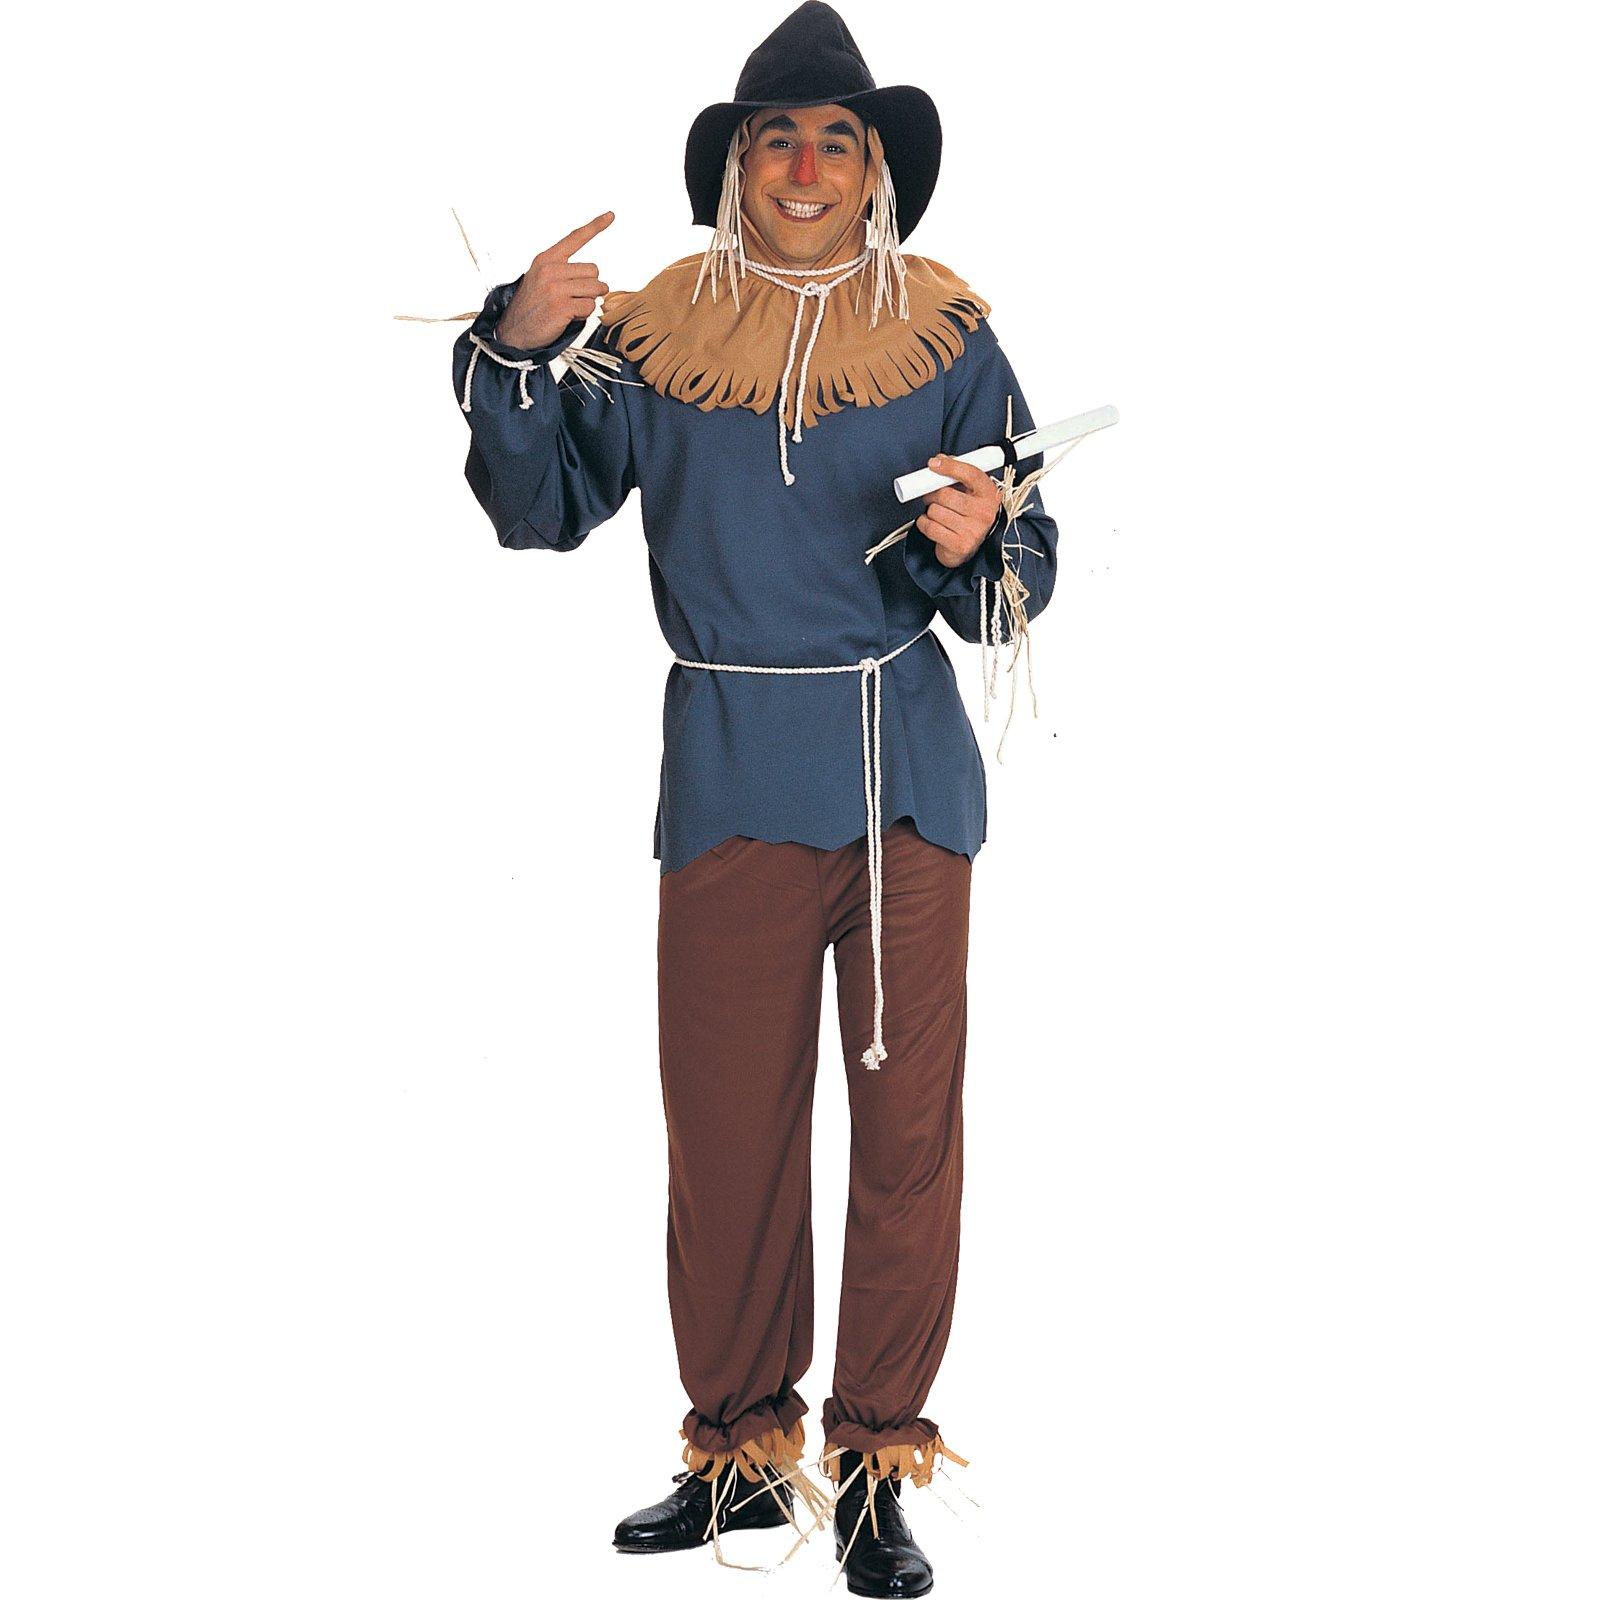 Len as the scarecrow